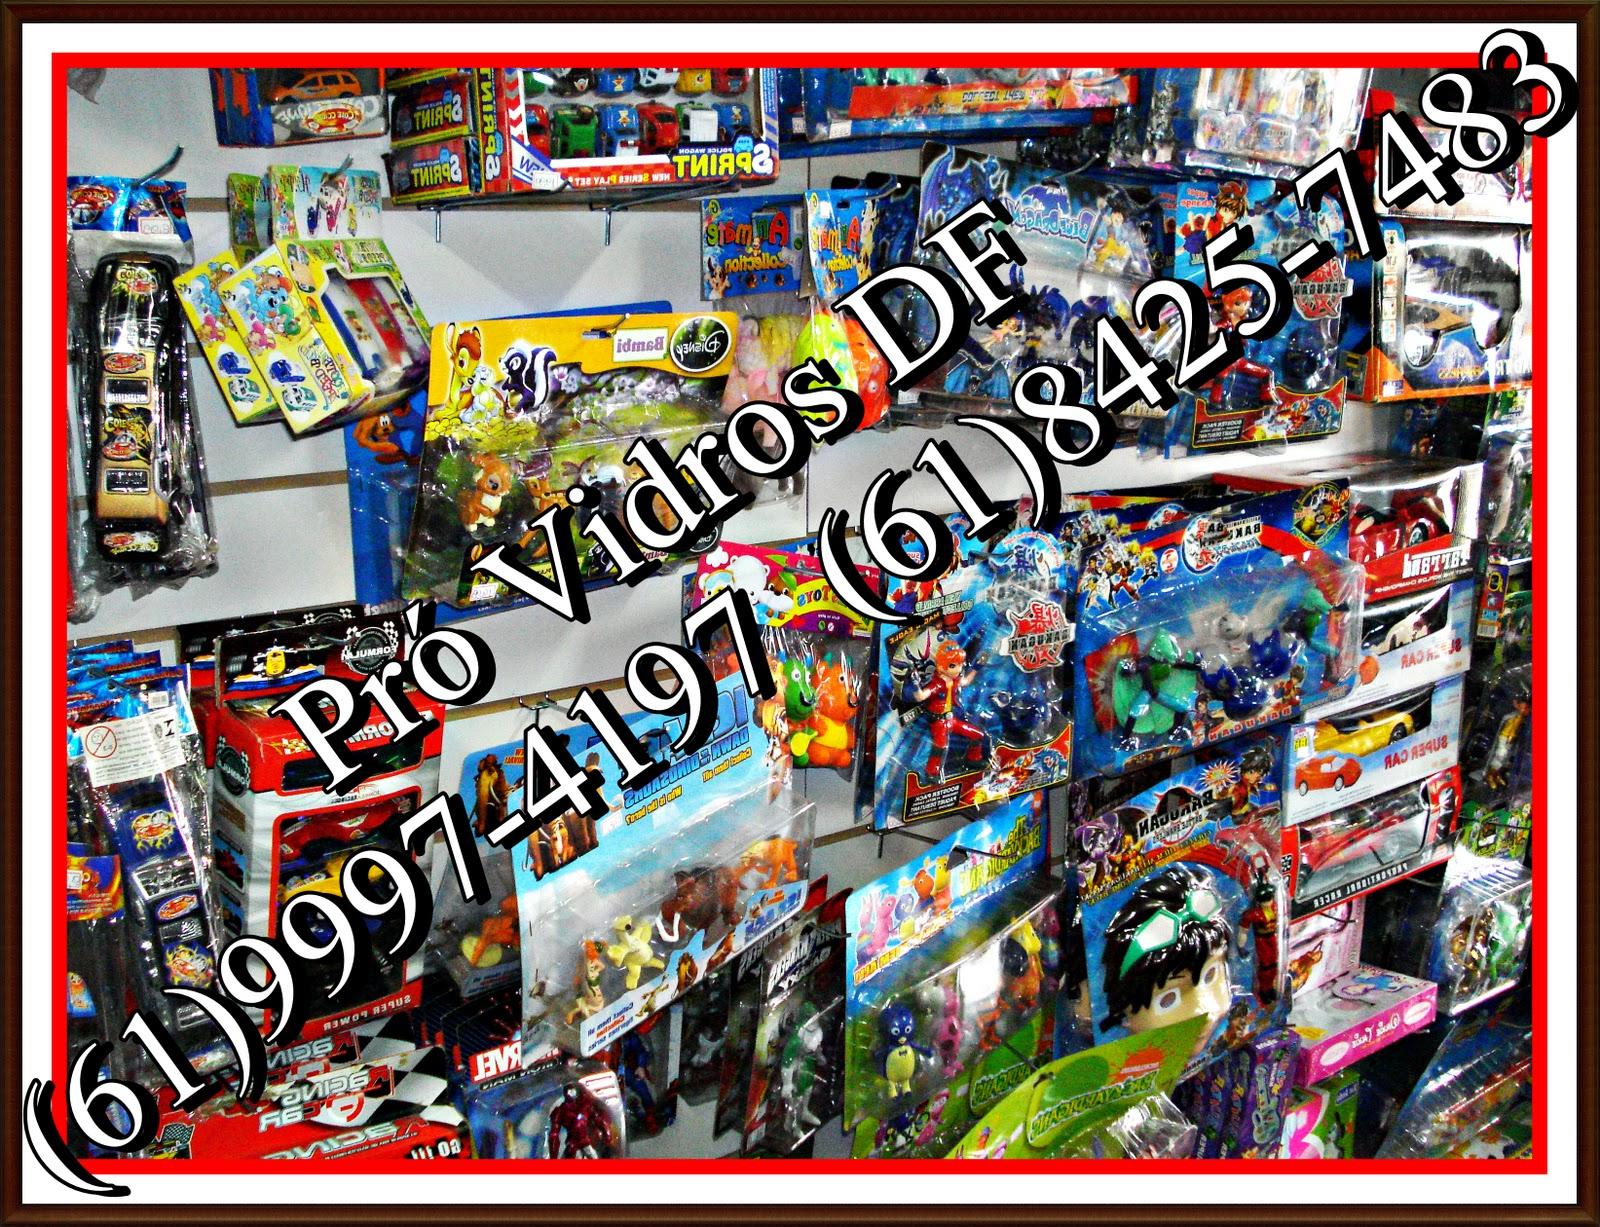 Imagens de #C0100B  DF TEM O QUE A SUA EMPRESA PRECISA NA MEDIDA EXATA em Brasilia no DF 1600x1227 px 3552 Blindex Banheiro Df